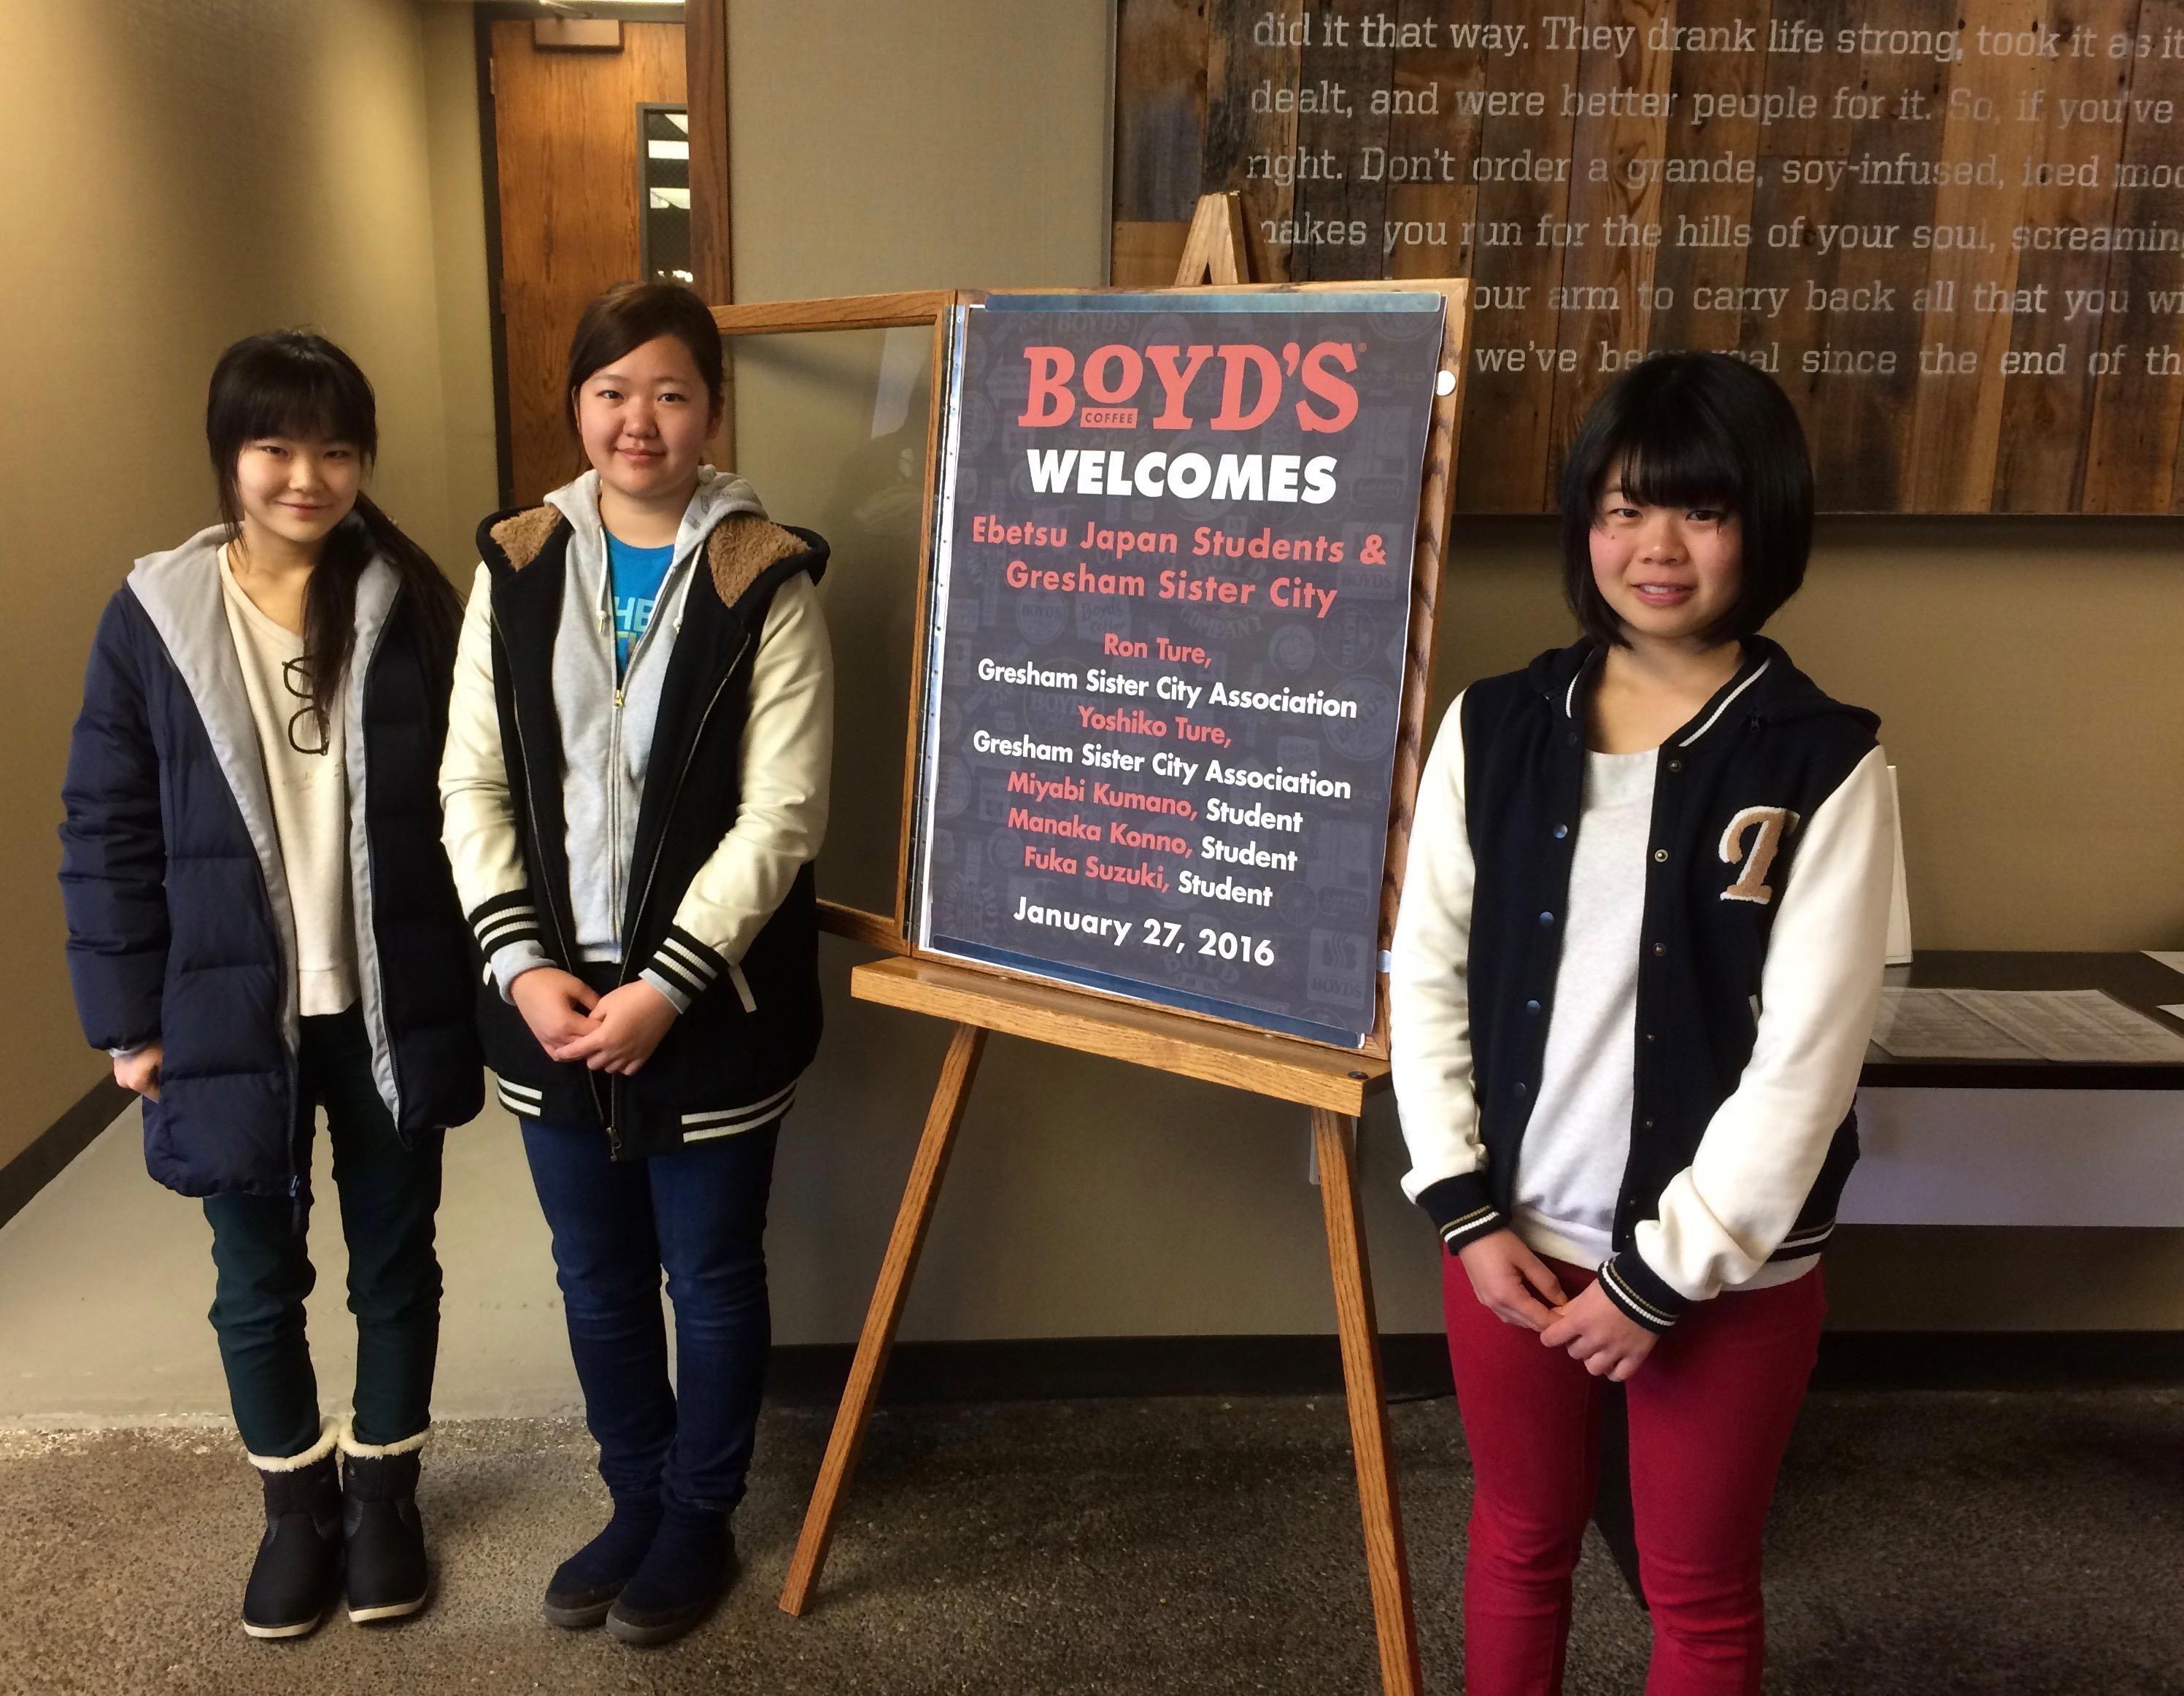 2016-01-27 Boyds